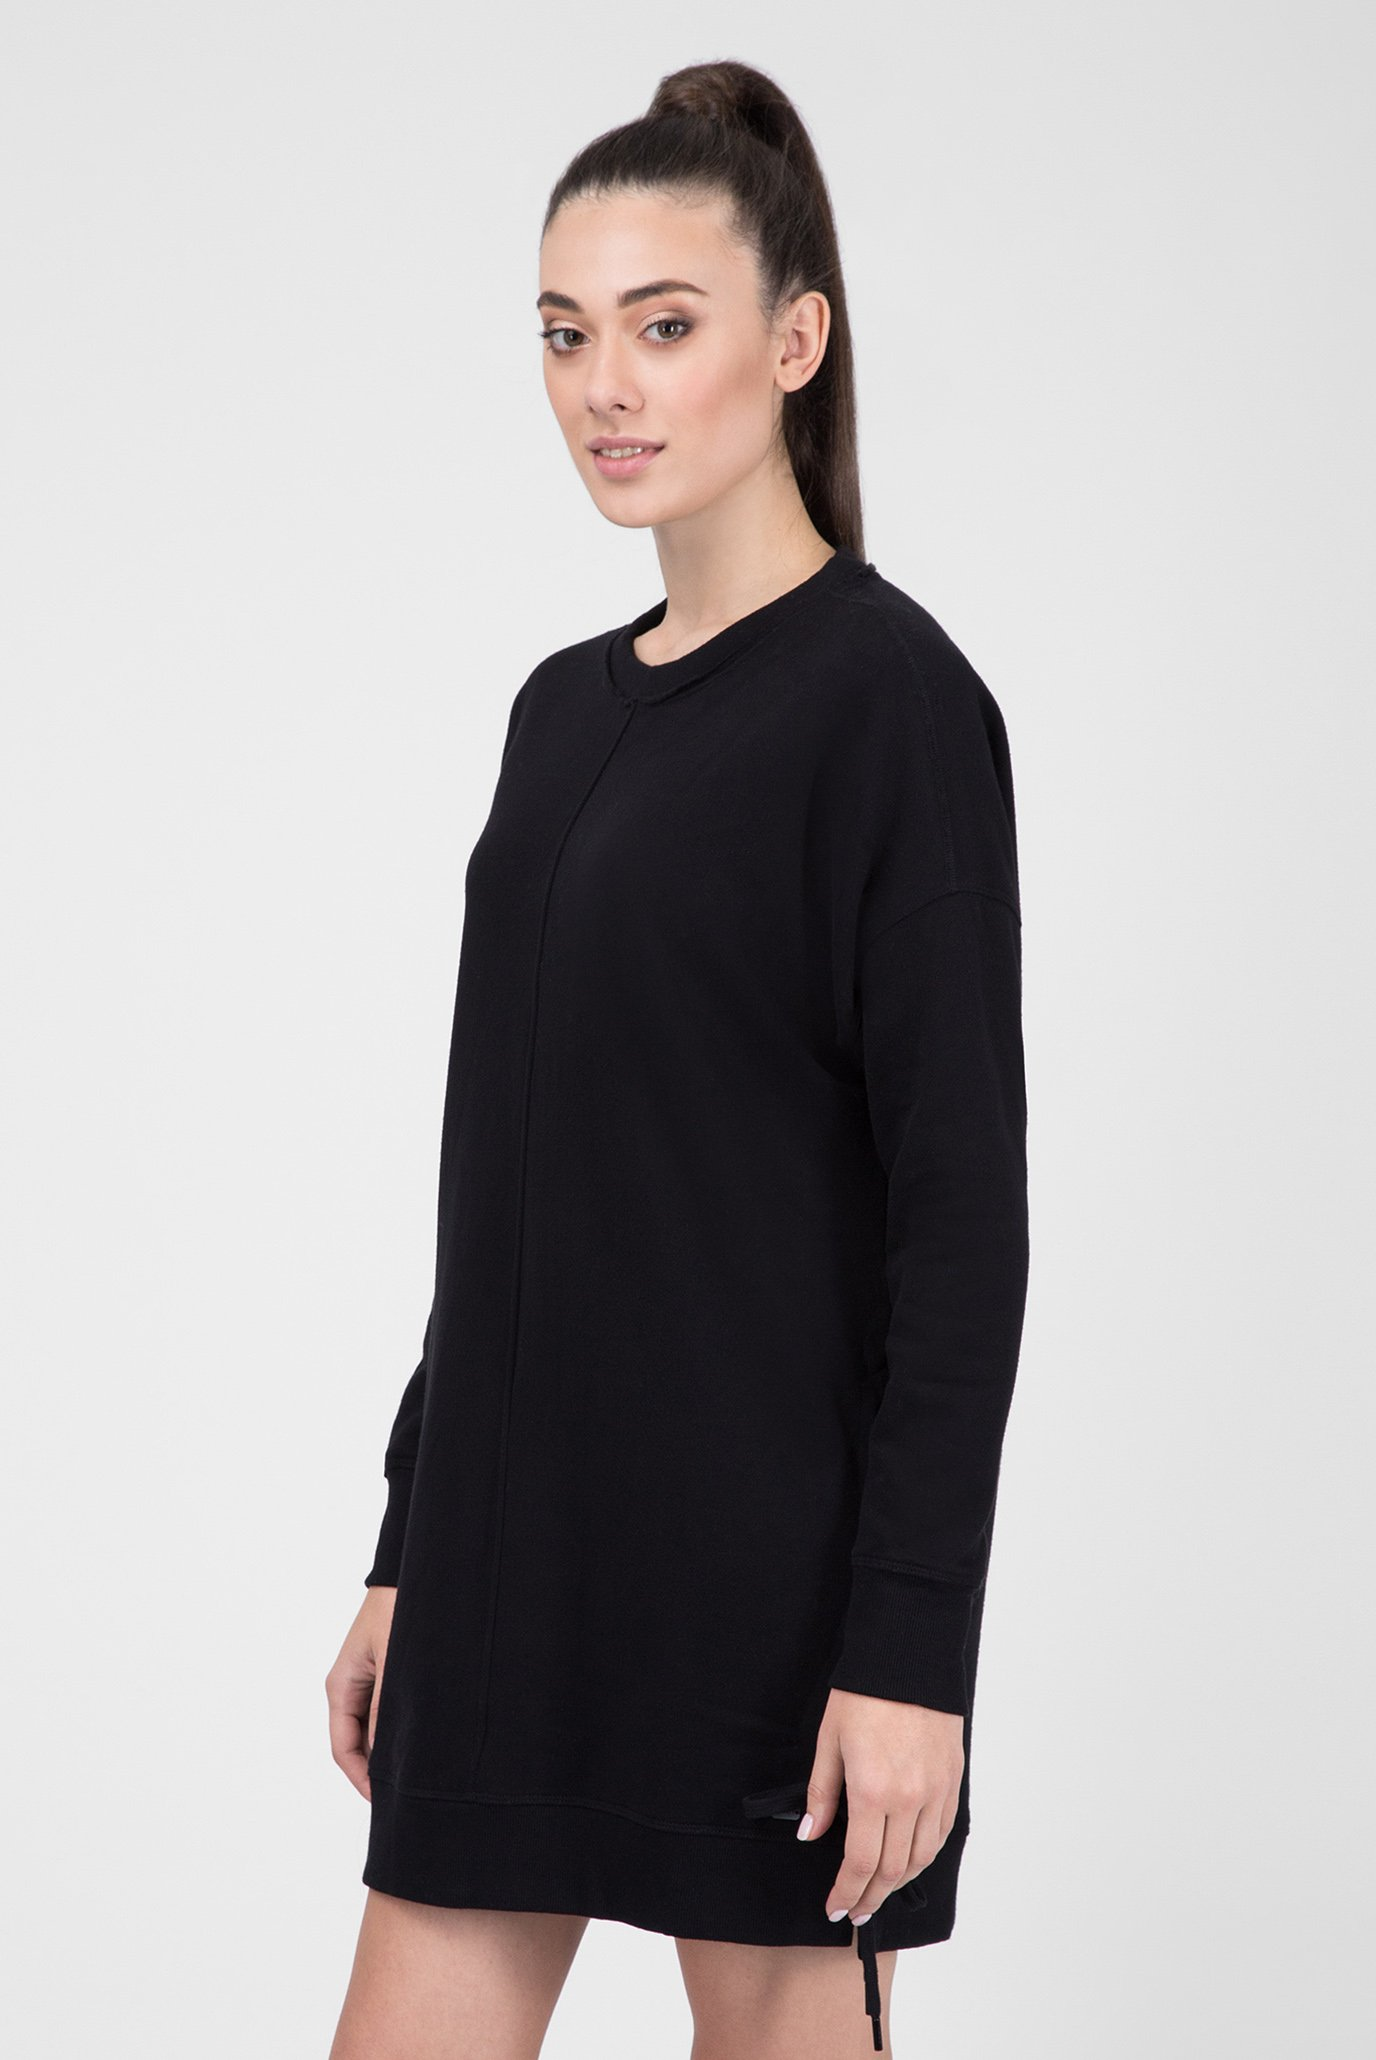 Купить Женское черное платье-свитшот DKNY DKNY DP8D4031 – Киев, Украина.  Цены в интернет магазине MD Fashion 3763b6858e6